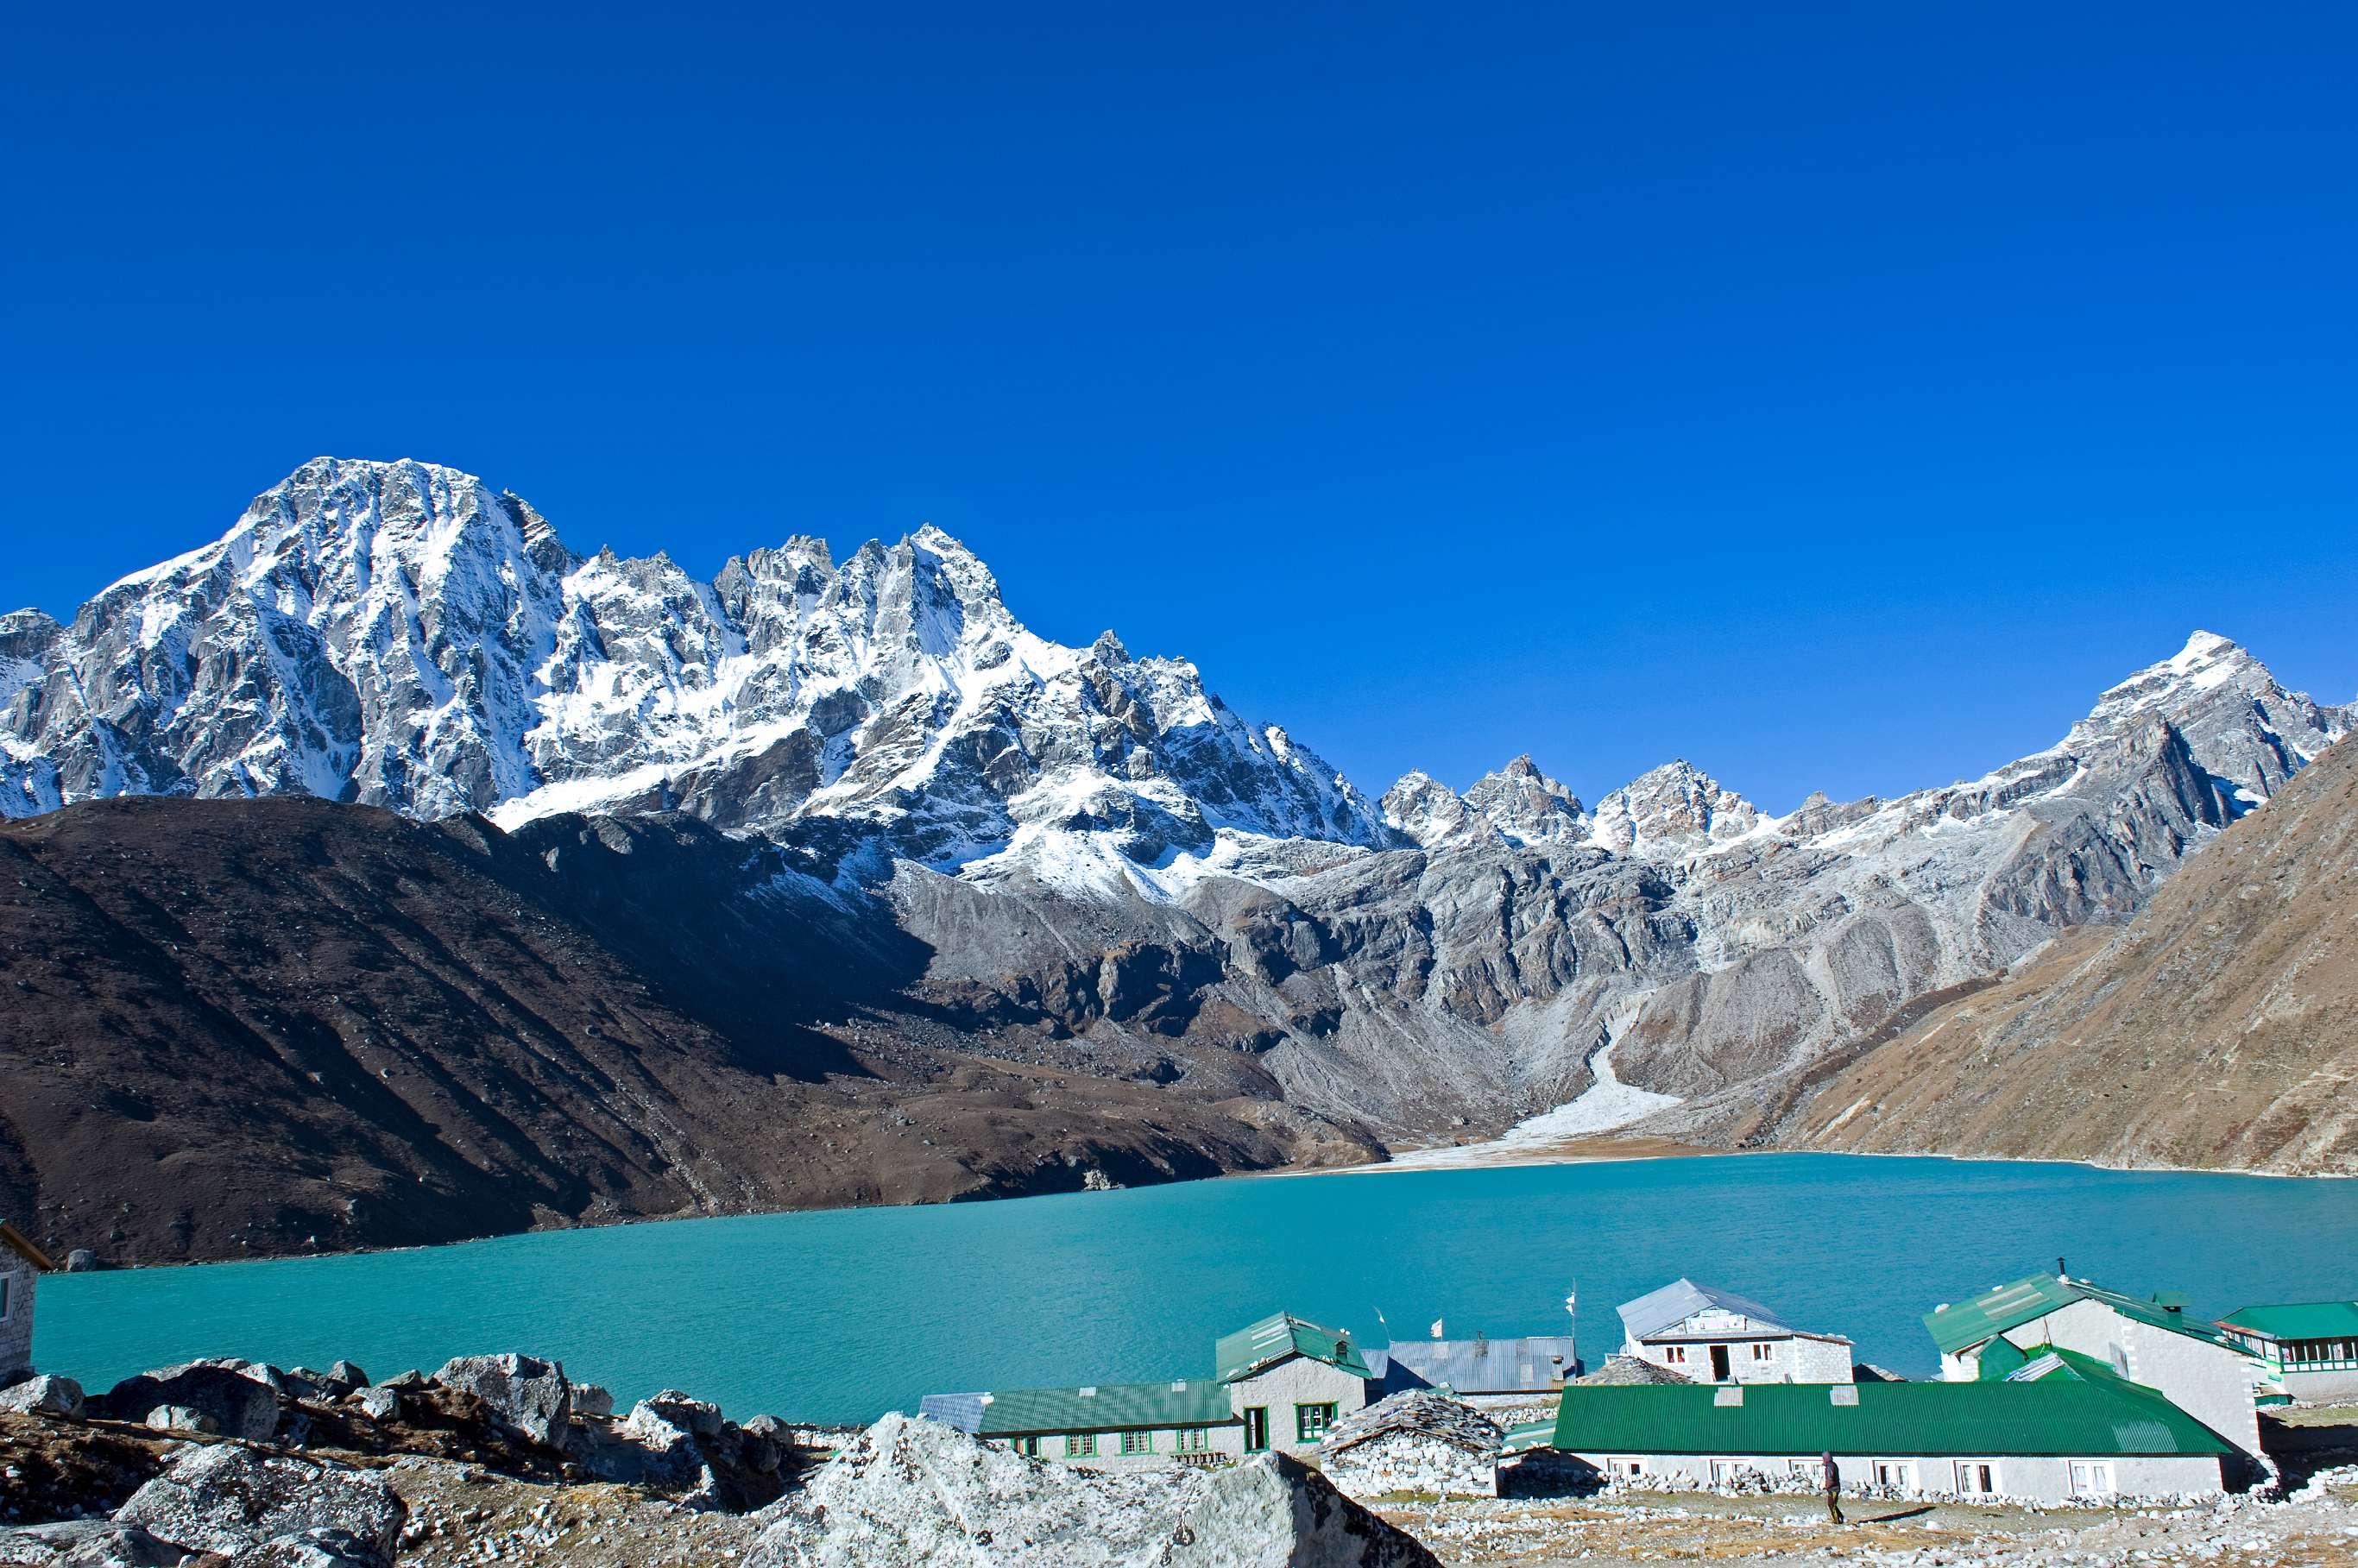 12-Day Gokyo Valley Trek - Nepal Itinerary